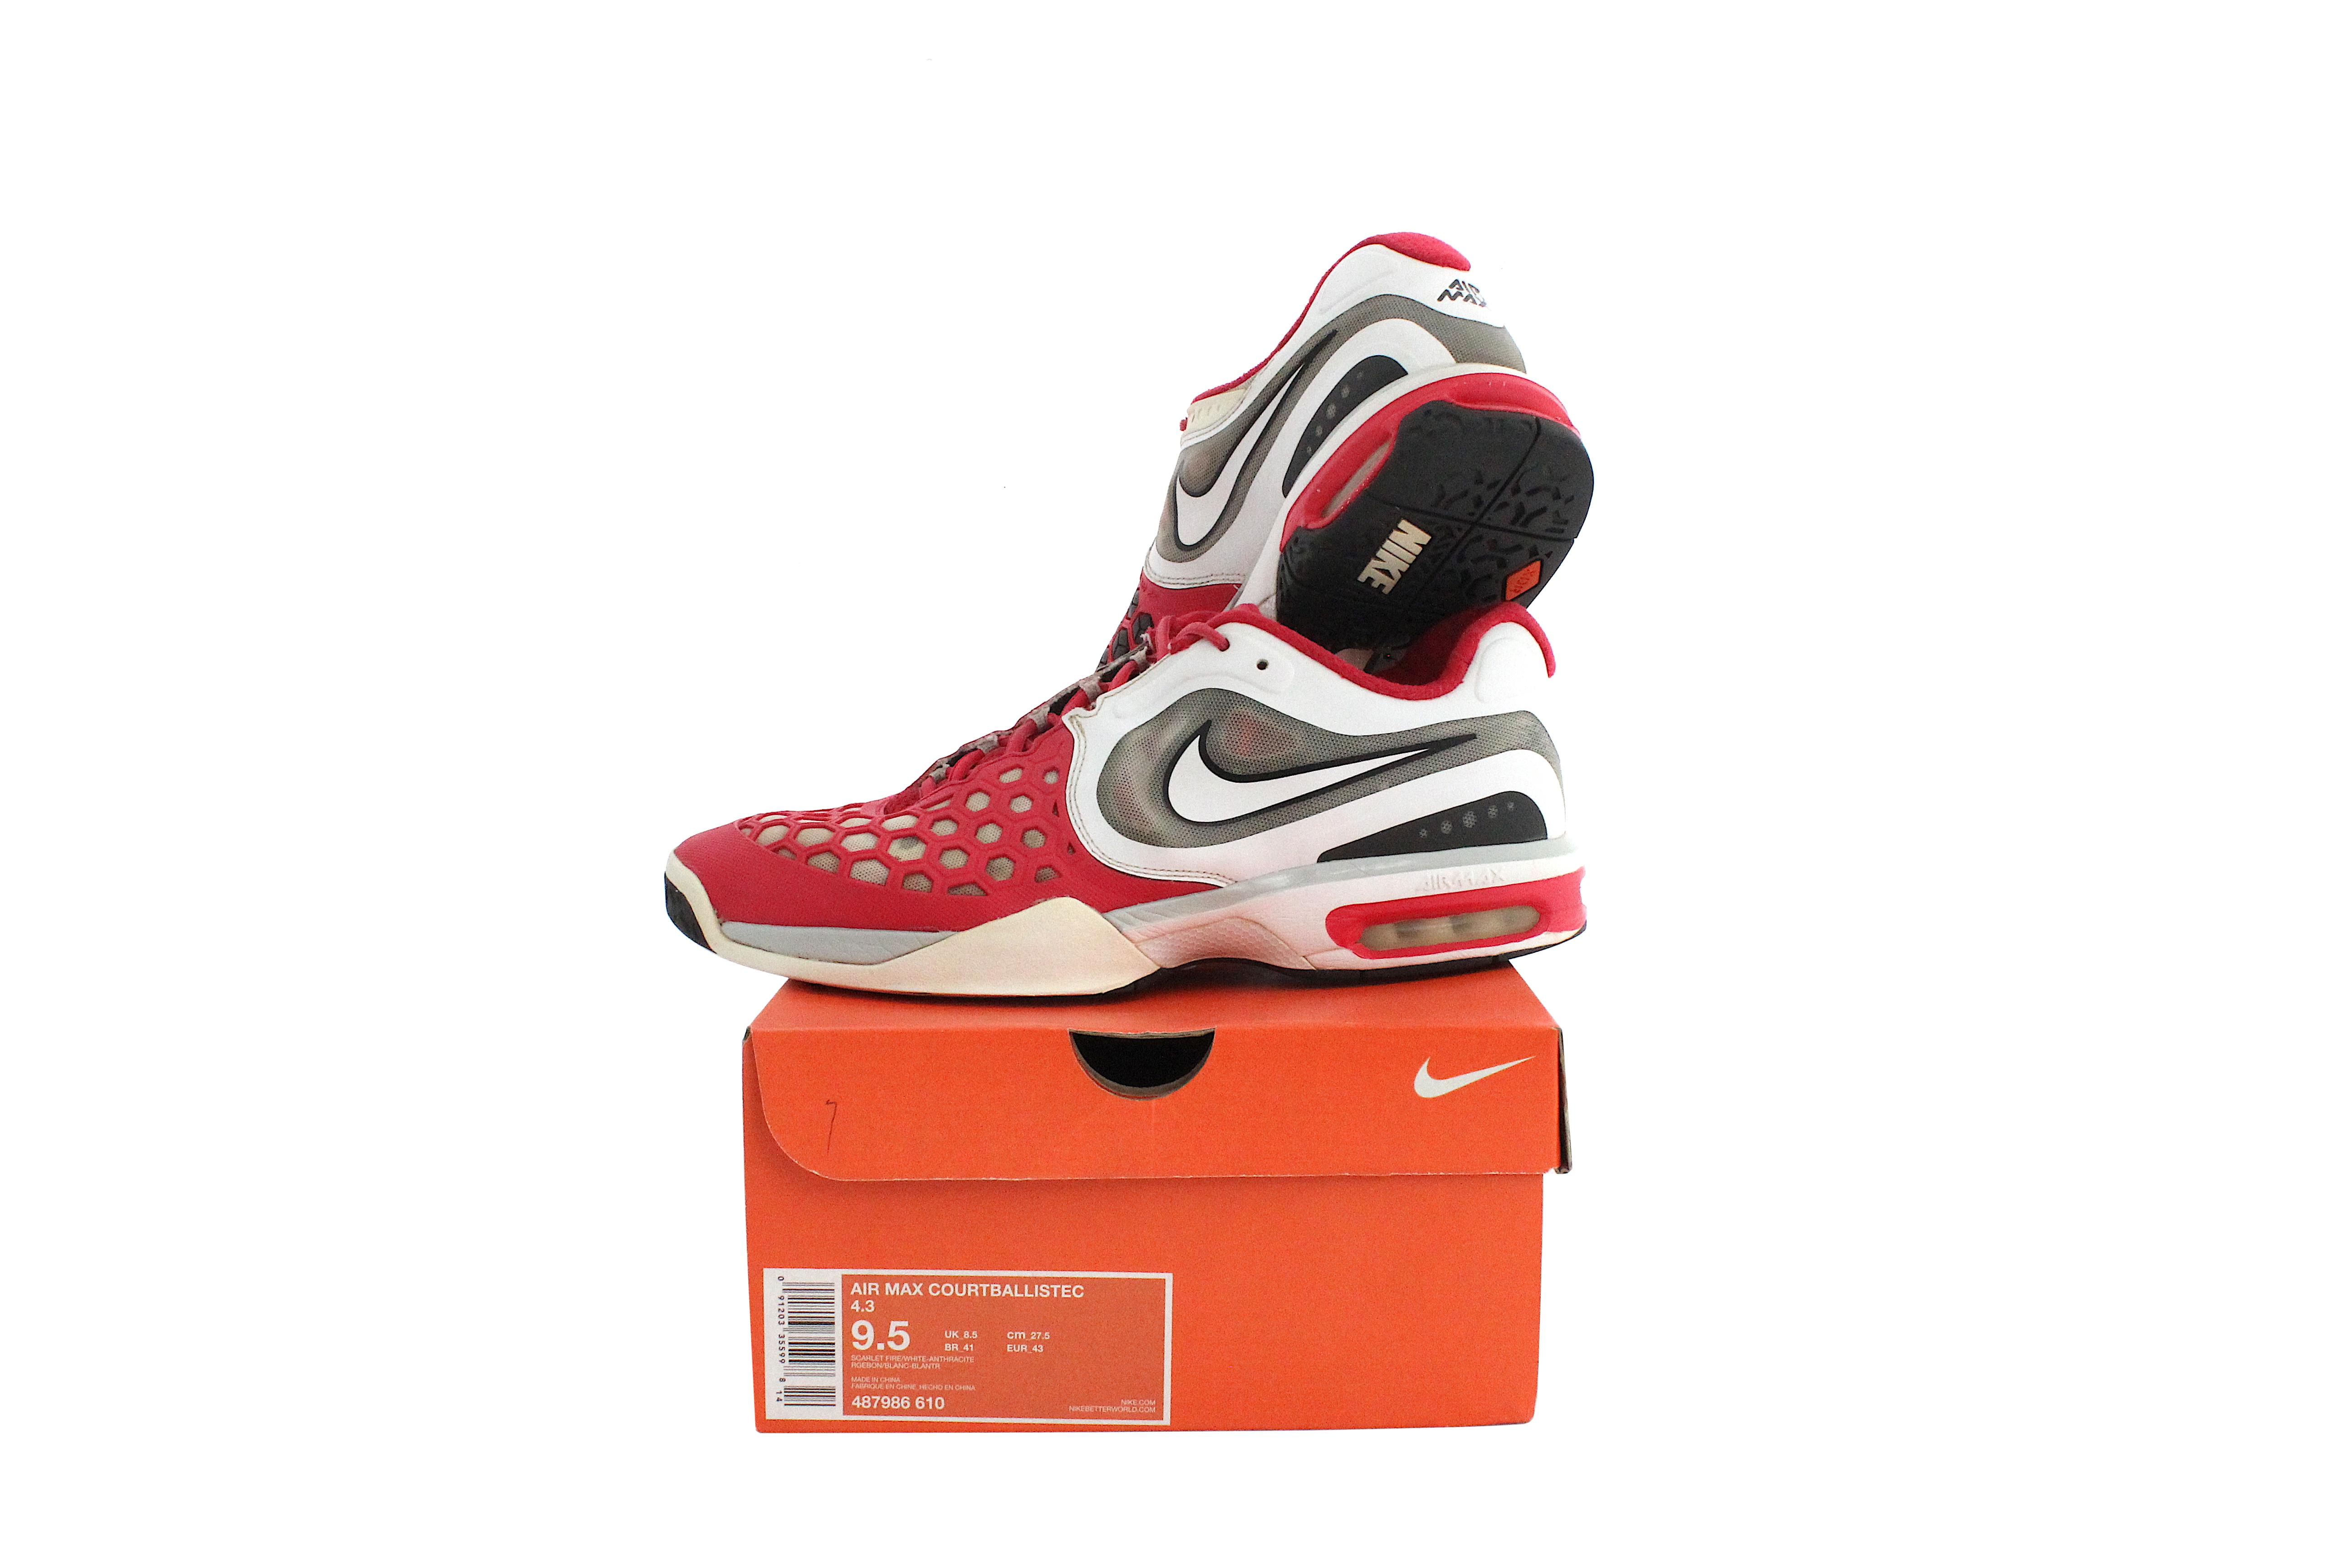 Nike Nike Air Max Court Ballistec 4 3 Nadal 2012 Tennis Shoes Grailed